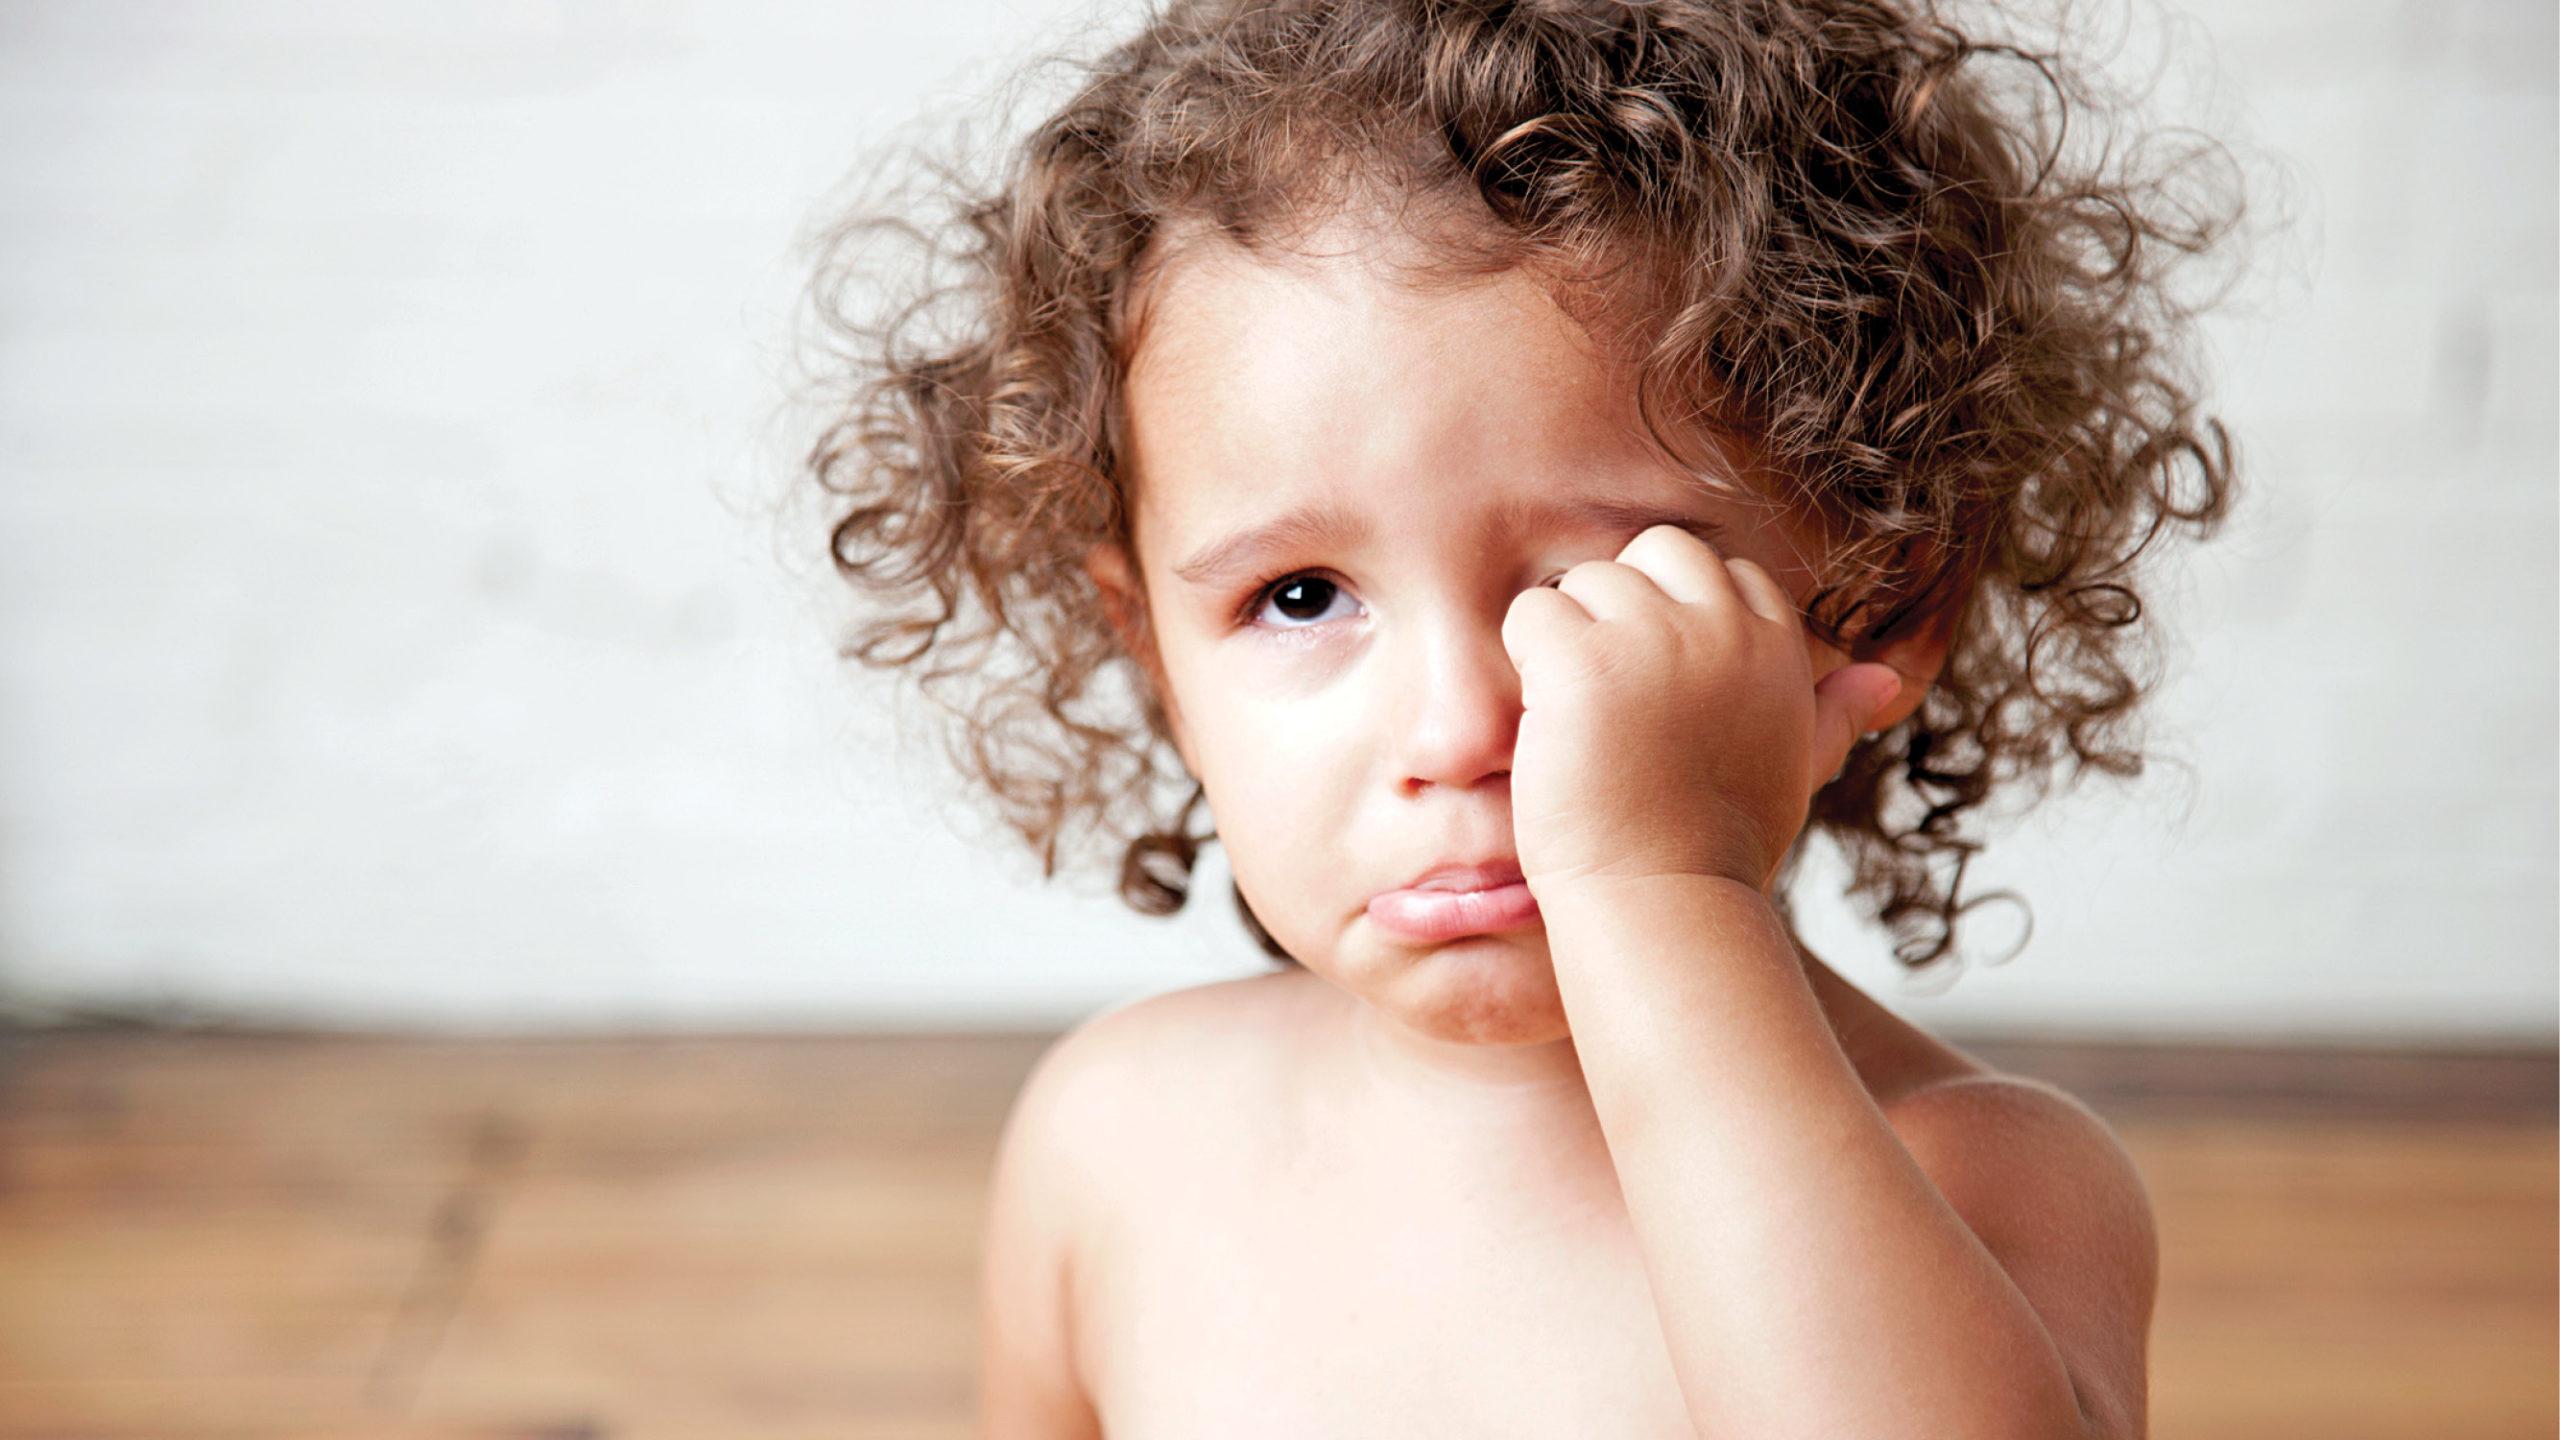 منع البكاء عند الاطفال